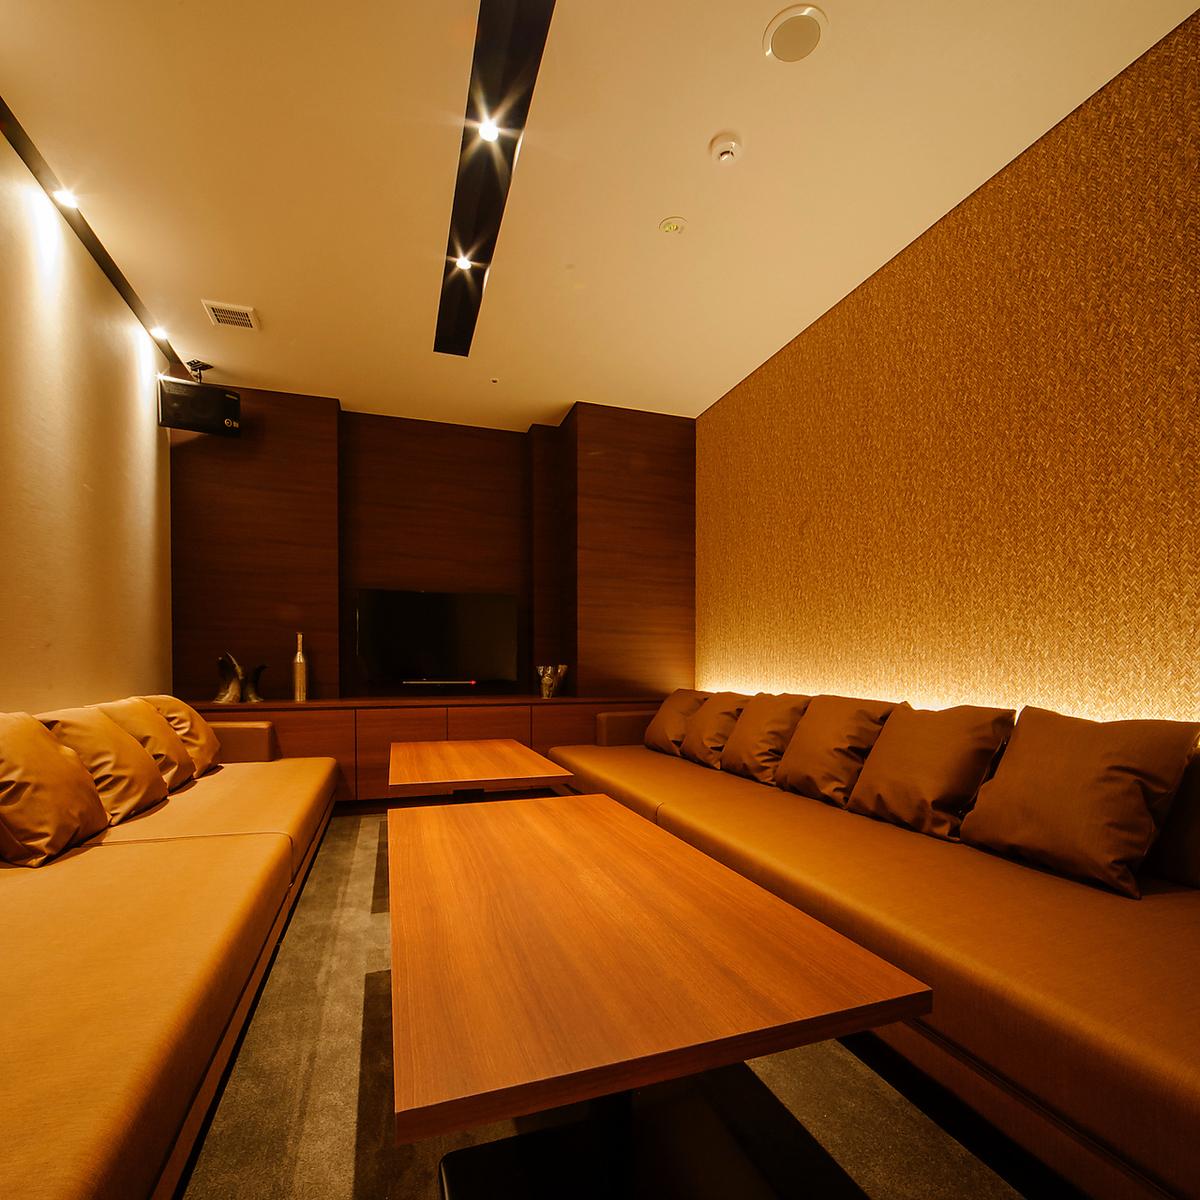 【ROOM 007】私人房間最多可容納10人/舒適的沙發麵向風格,寬敞典雅,現代混合。非常適合用餐和娛樂。